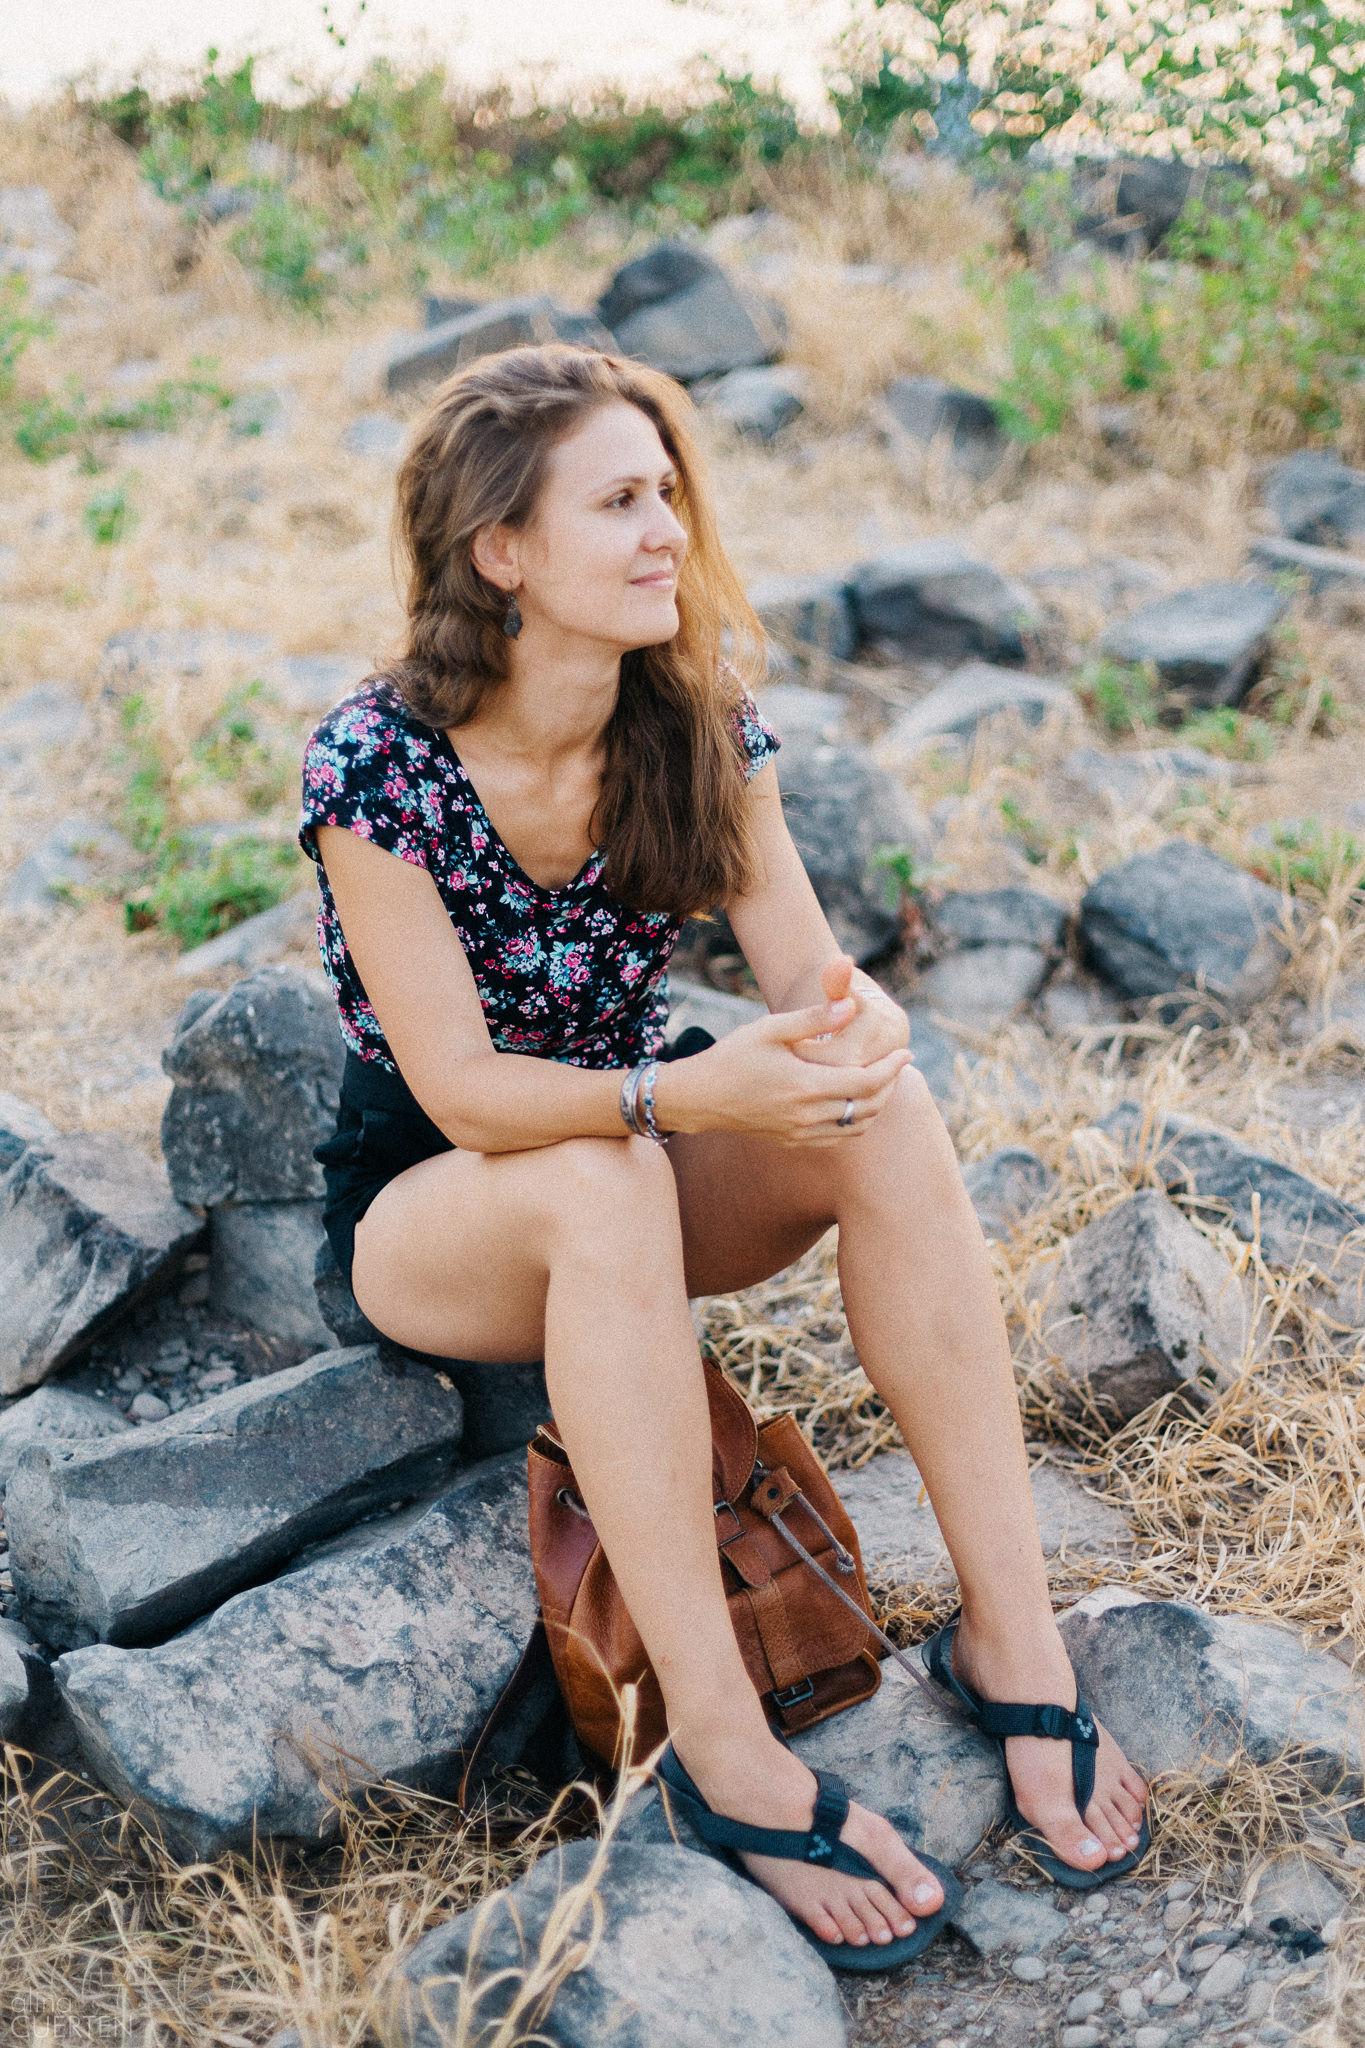 Bodydecoded - Юлия Сианто сидит на камнях